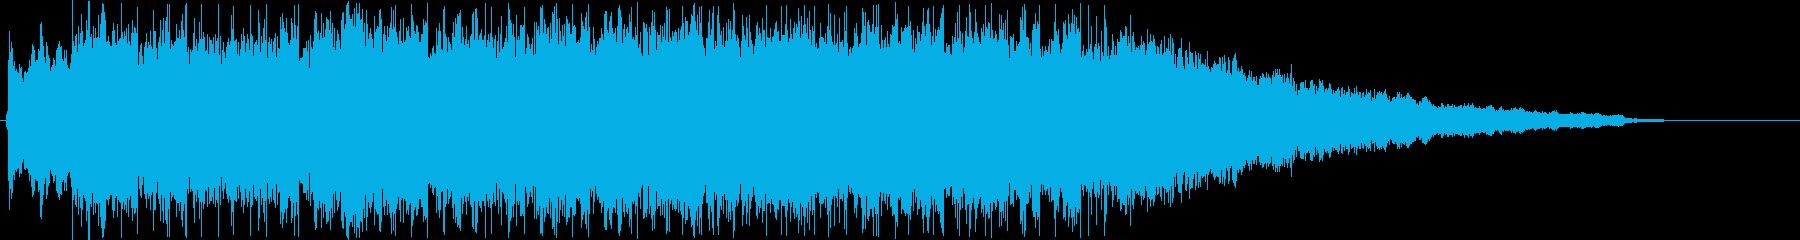 活動的で疾走感のあるシンセのジングル曲の再生済みの波形